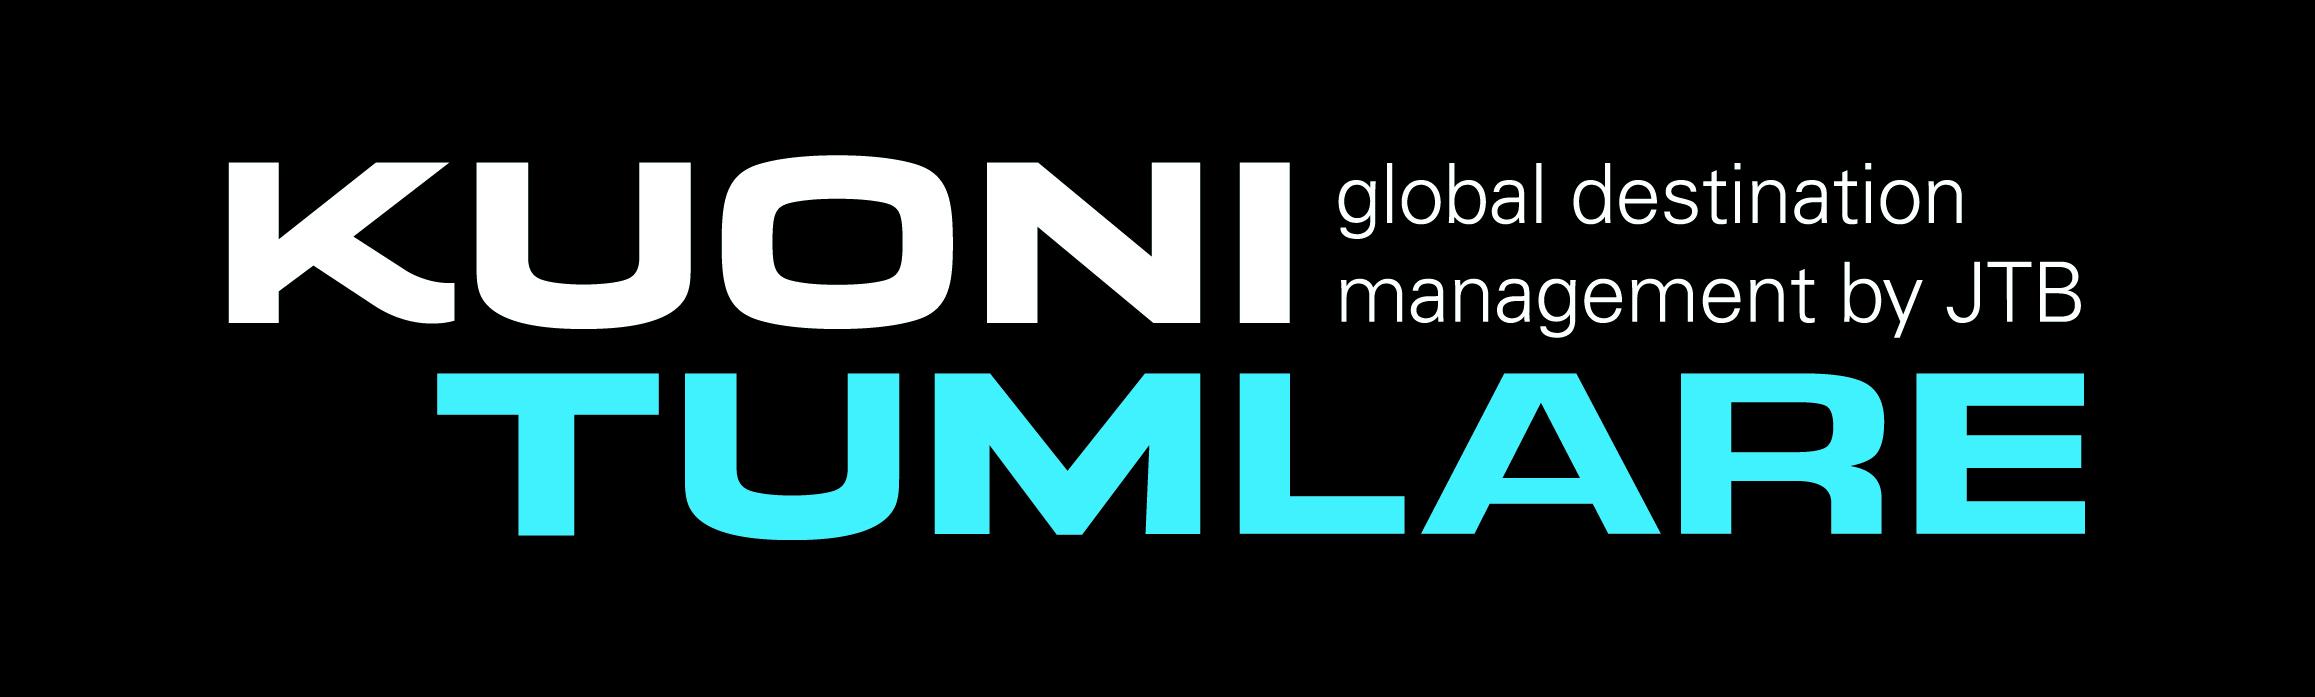 Kuoni Tumlare logo